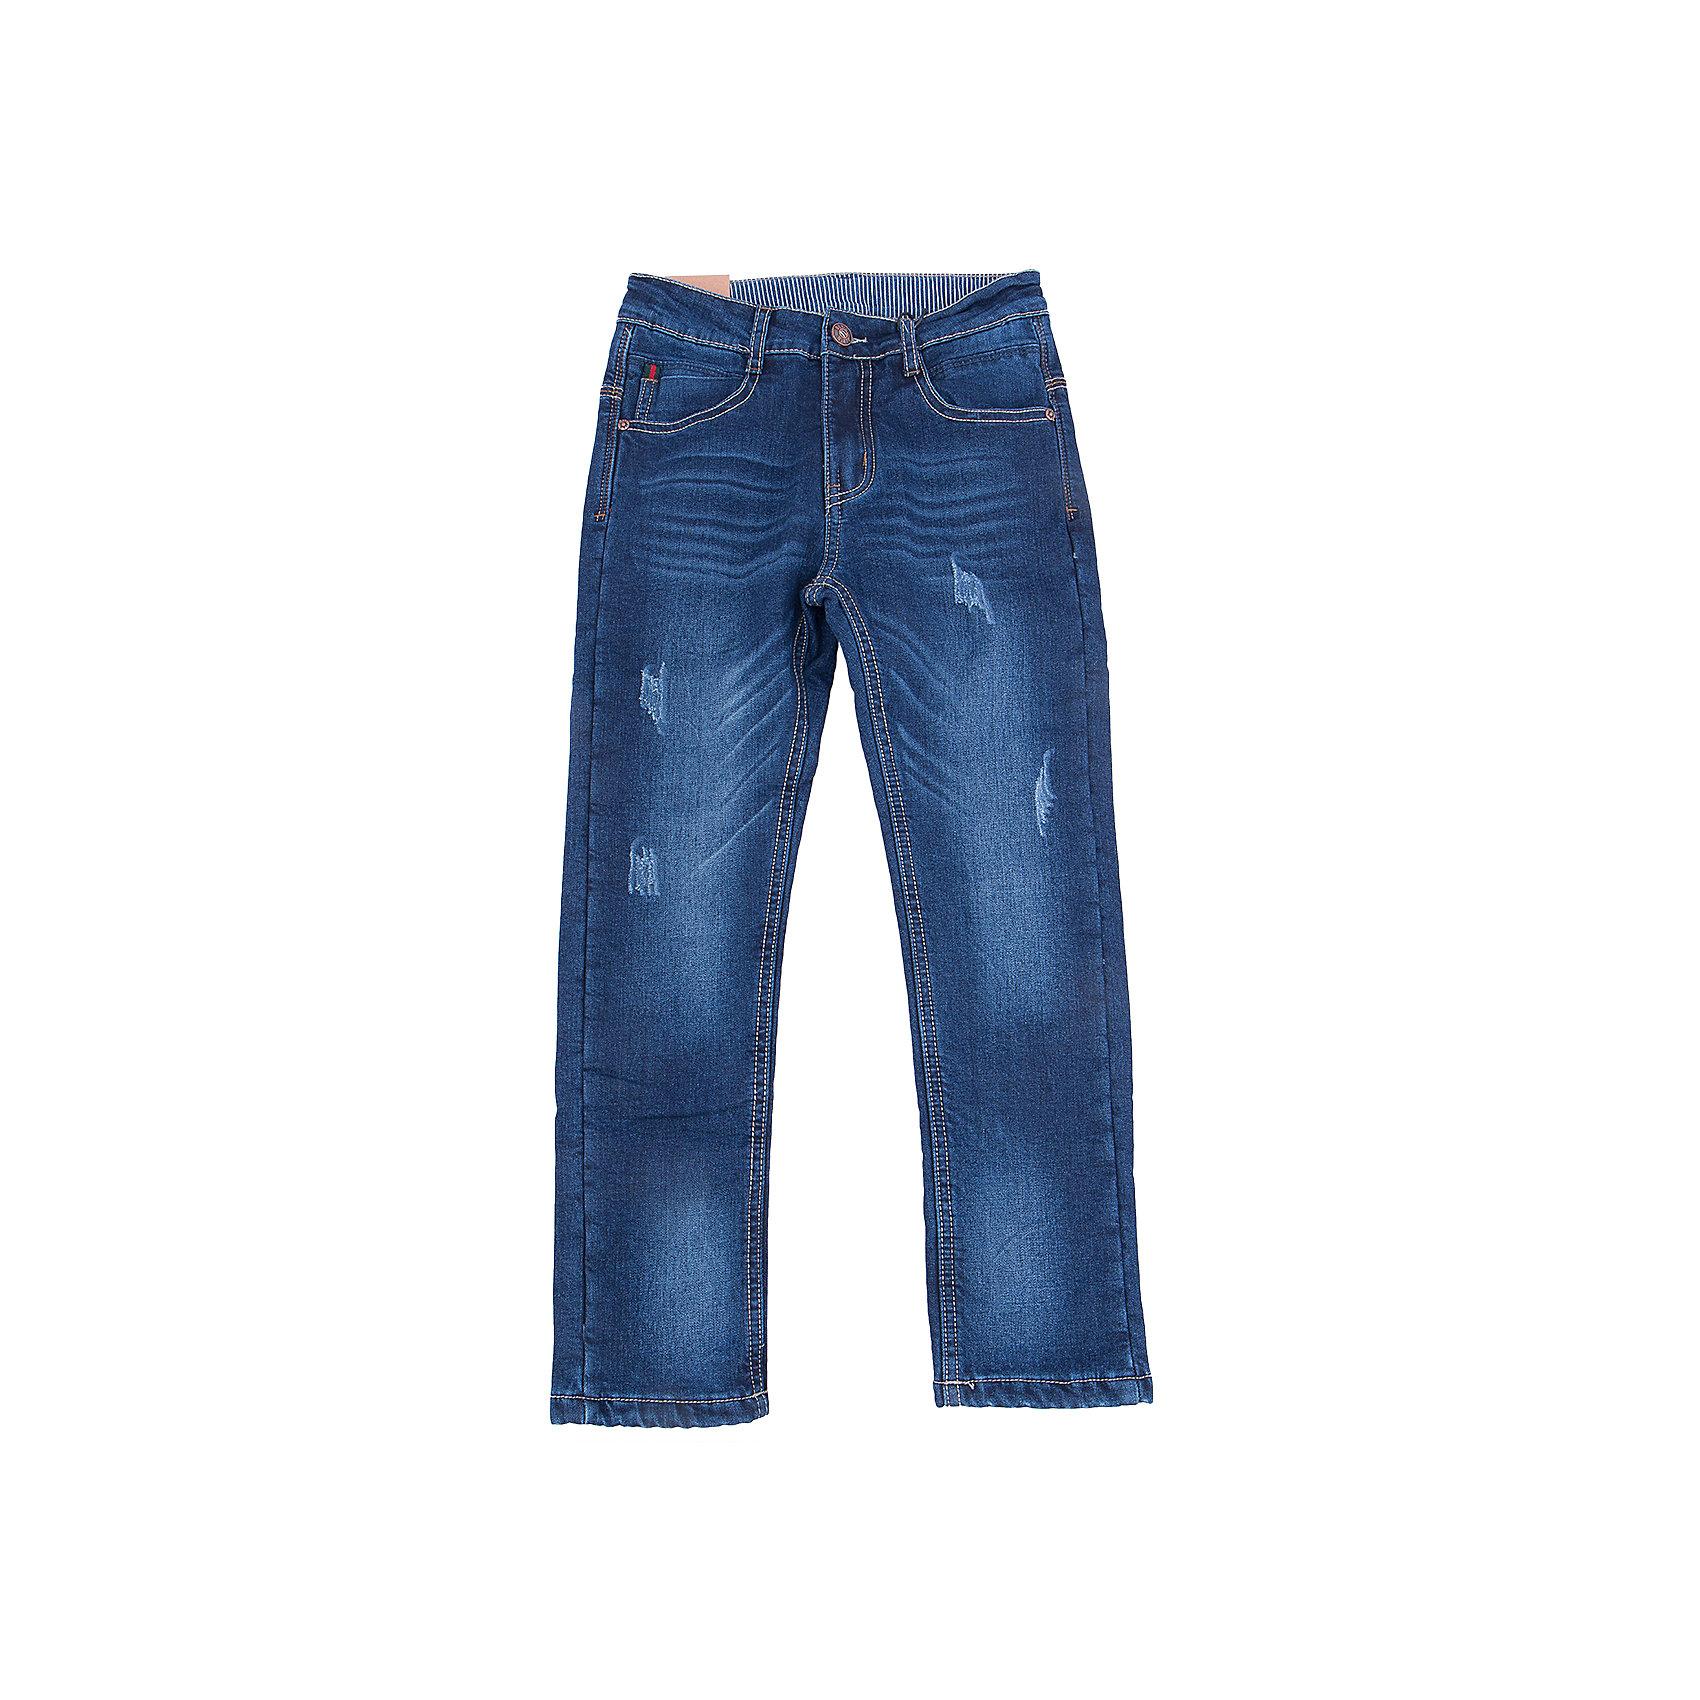 Джинсы для мальчика LuminosoХарактеристики товара:<br><br>- цвет: синий;<br>- материал: 98% хлопок, 2% эластан, подкладка - 100% полиэстер;<br>- застежка: пуговица и молния;<br>- пояс регулируется внутренней резинкой на пуговицах;<br>- эффект потертостей.<br><br>Стильная одежда от бренда Luminoso (Люминосо), созданная при участии итальянских дизайнеров, учитывает потребности подростков и последние веяния моды. Она удобная и модная.<br>Эти джинсы выглядят стильно, но при этом подходят для ежедневного ношения. Они хорошо сидят на ребенке, обеспечивают комфорт и отлично сочетаются с одежной разных стилей. Модель отличается высоким качеством материала и продуманным дизайном. Натуральный хлопок в составе изделия делает его дышащим, приятным на ощупь и гипоаллергеным.<br><br>Джинсы для мальчика от бренда Luminoso (Люминосо) можно купить в нашем интернет-магазине.<br><br>Ширина мм: 215<br>Глубина мм: 88<br>Высота мм: 191<br>Вес г: 336<br>Цвет: синий<br>Возраст от месяцев: 96<br>Возраст до месяцев: 108<br>Пол: Мужской<br>Возраст: Детский<br>Размер: 134,164,158,152,146,140<br>SKU: 4930851